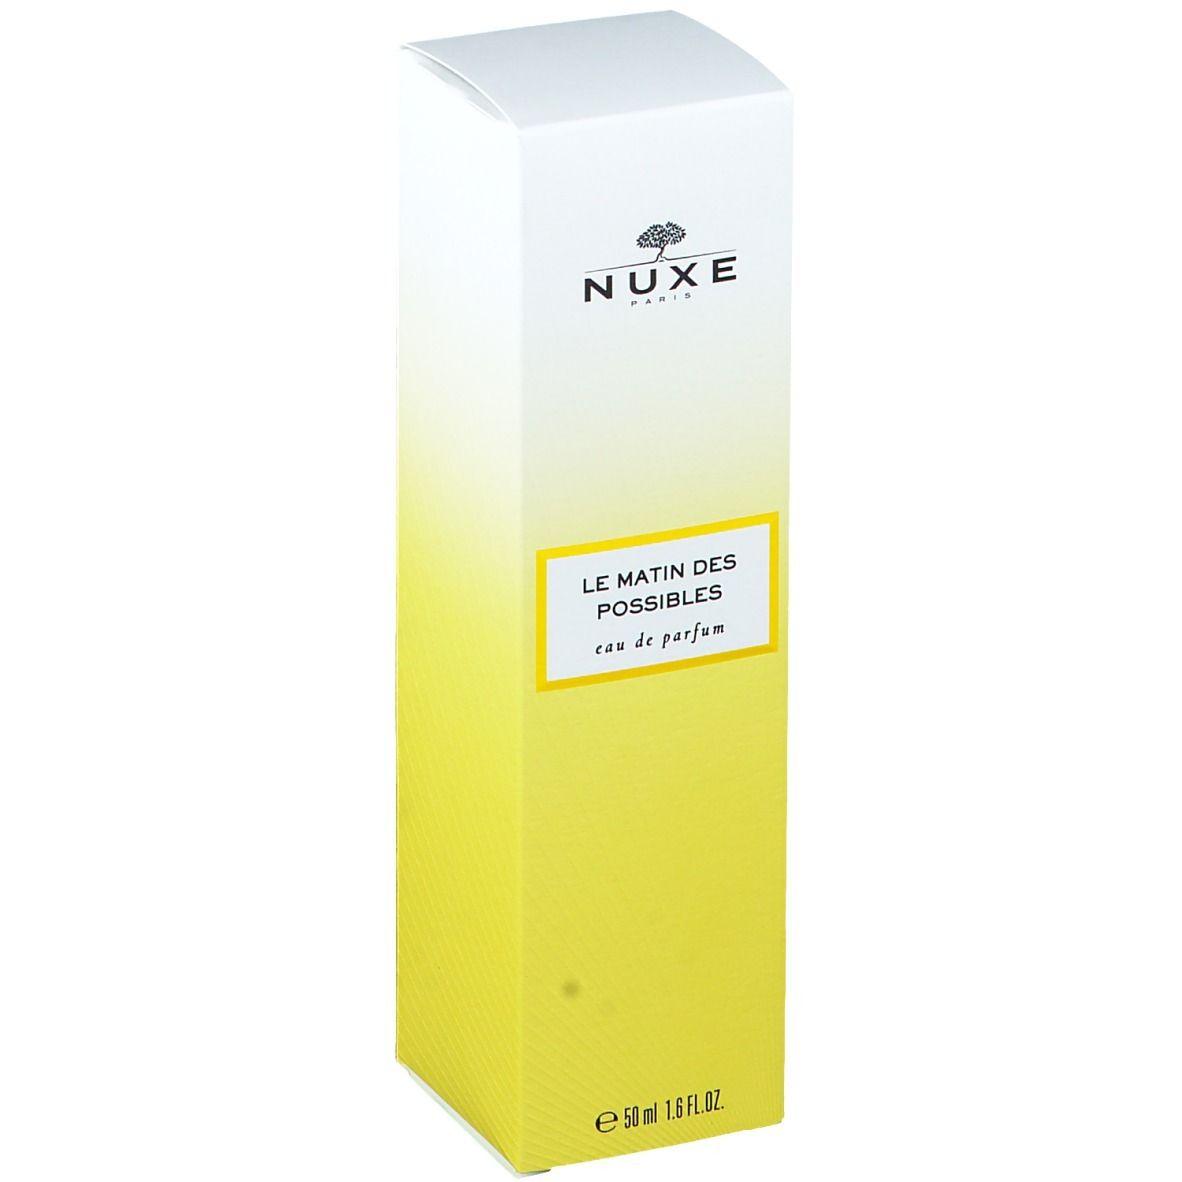 Nuxe Le Matin des Possibles Eau de Parfum ml solution(s)